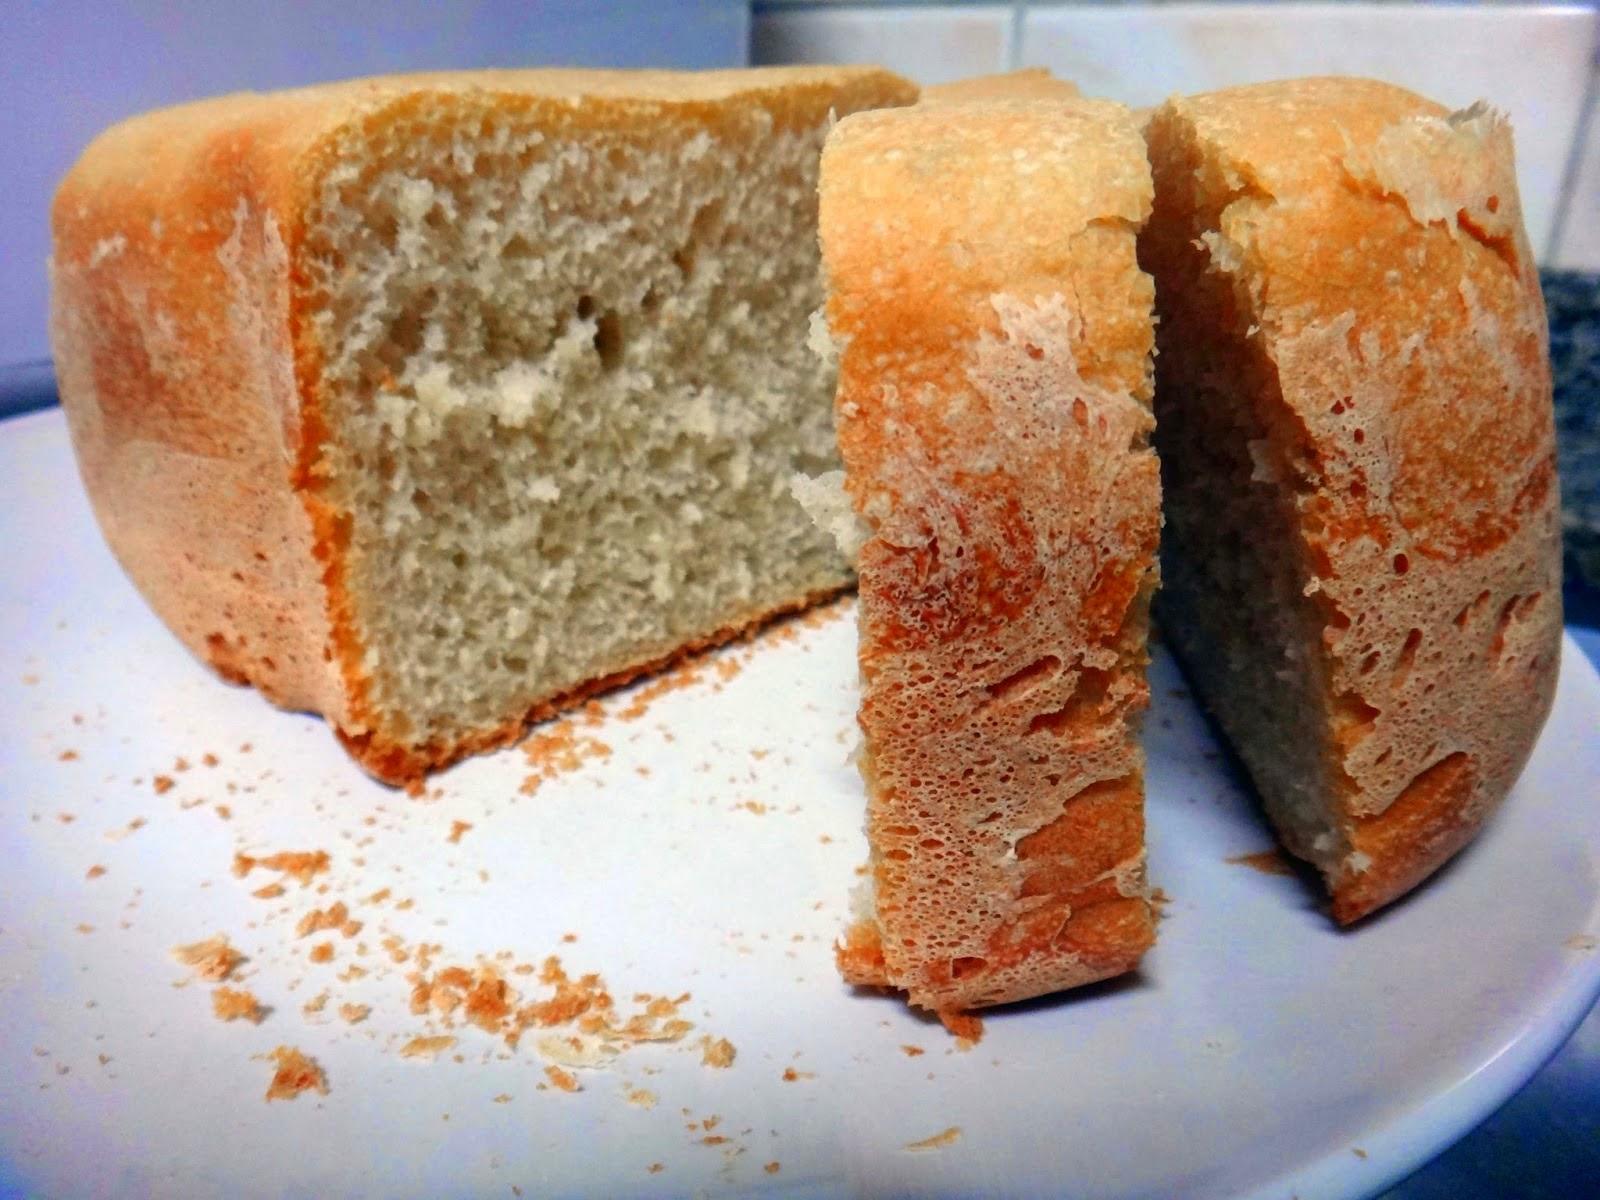 Máquina de fazer pão: dicas de uso, conservação e como obter pães melhores, mais macios e saborosos